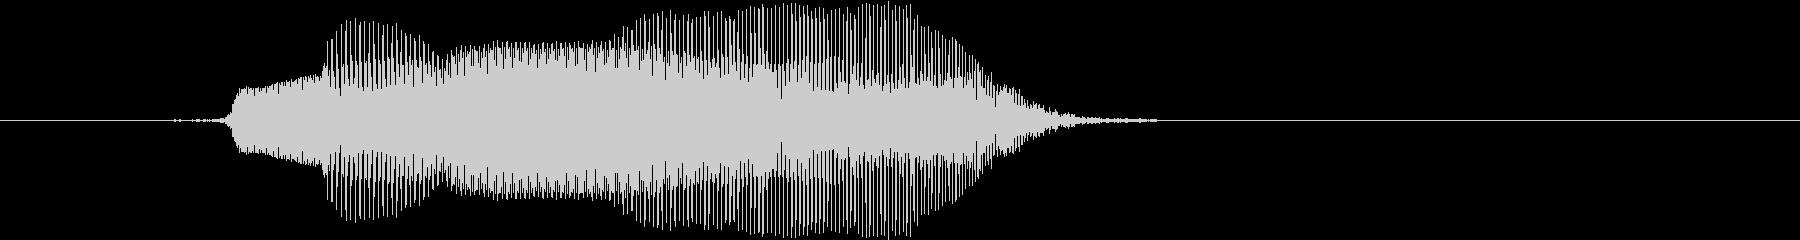 「ムニャ」の未再生の波形